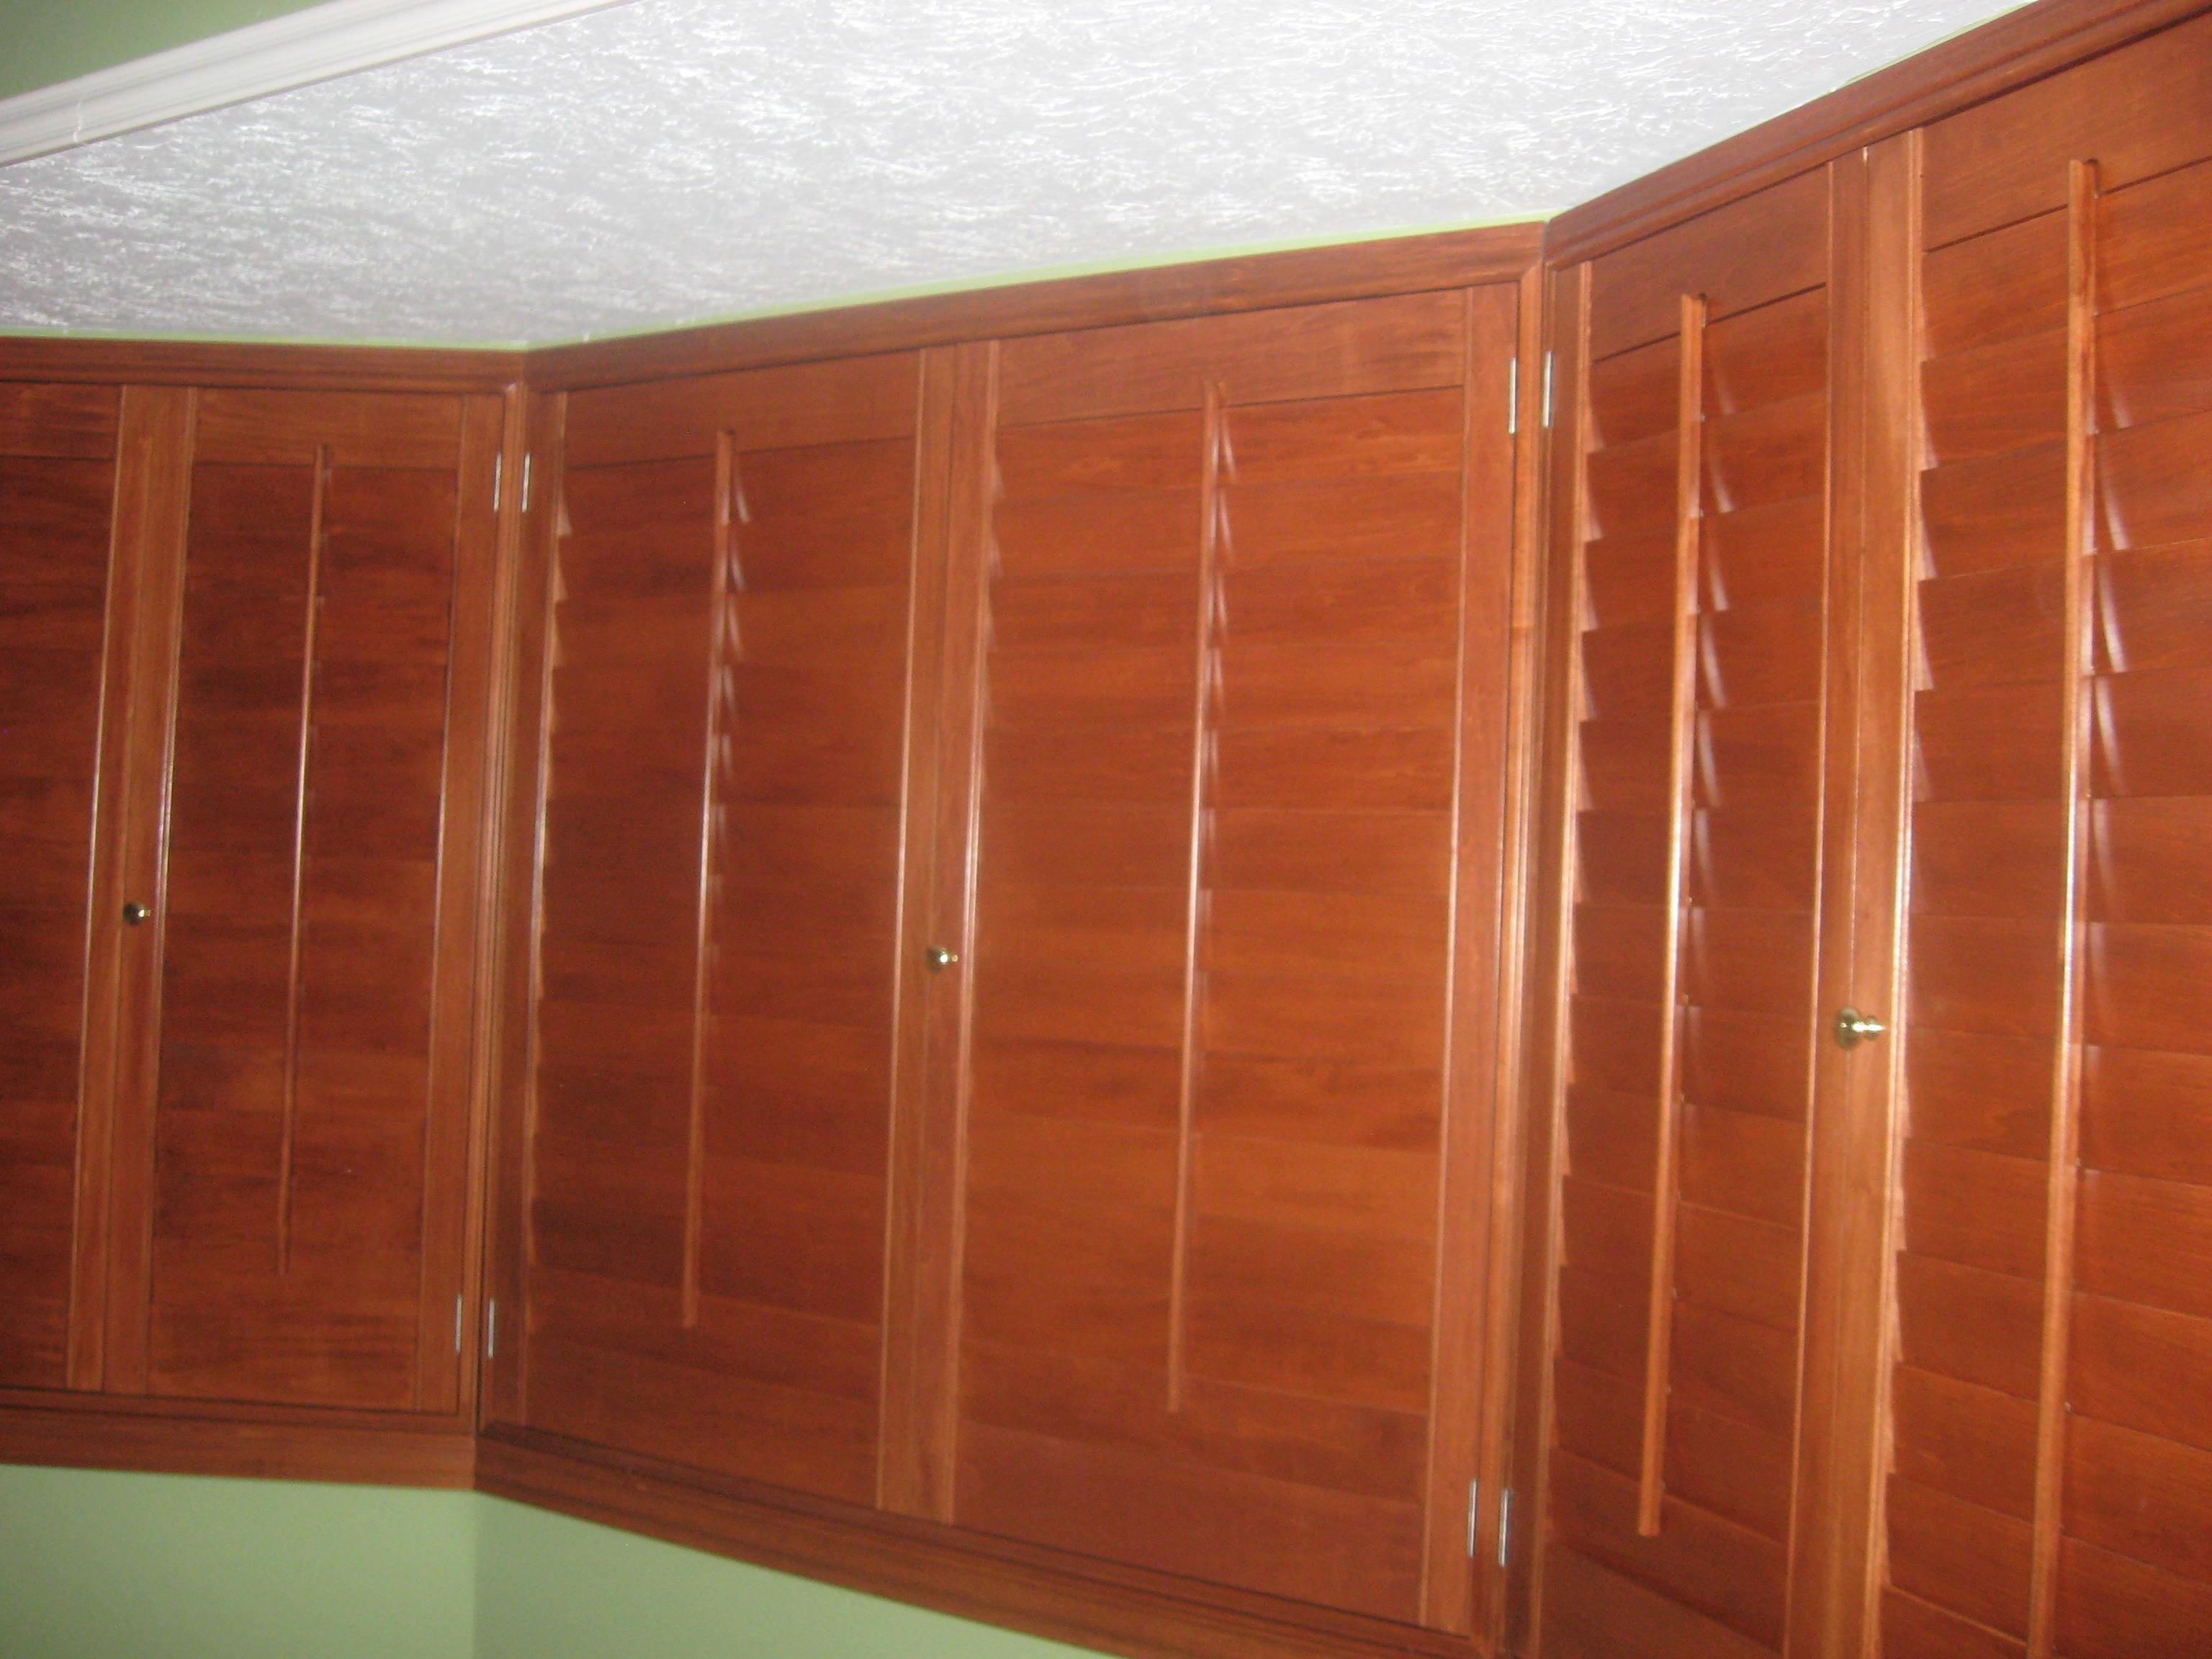 Fotos gratis : piso, mueble, habitación, puerta, diseño de ...